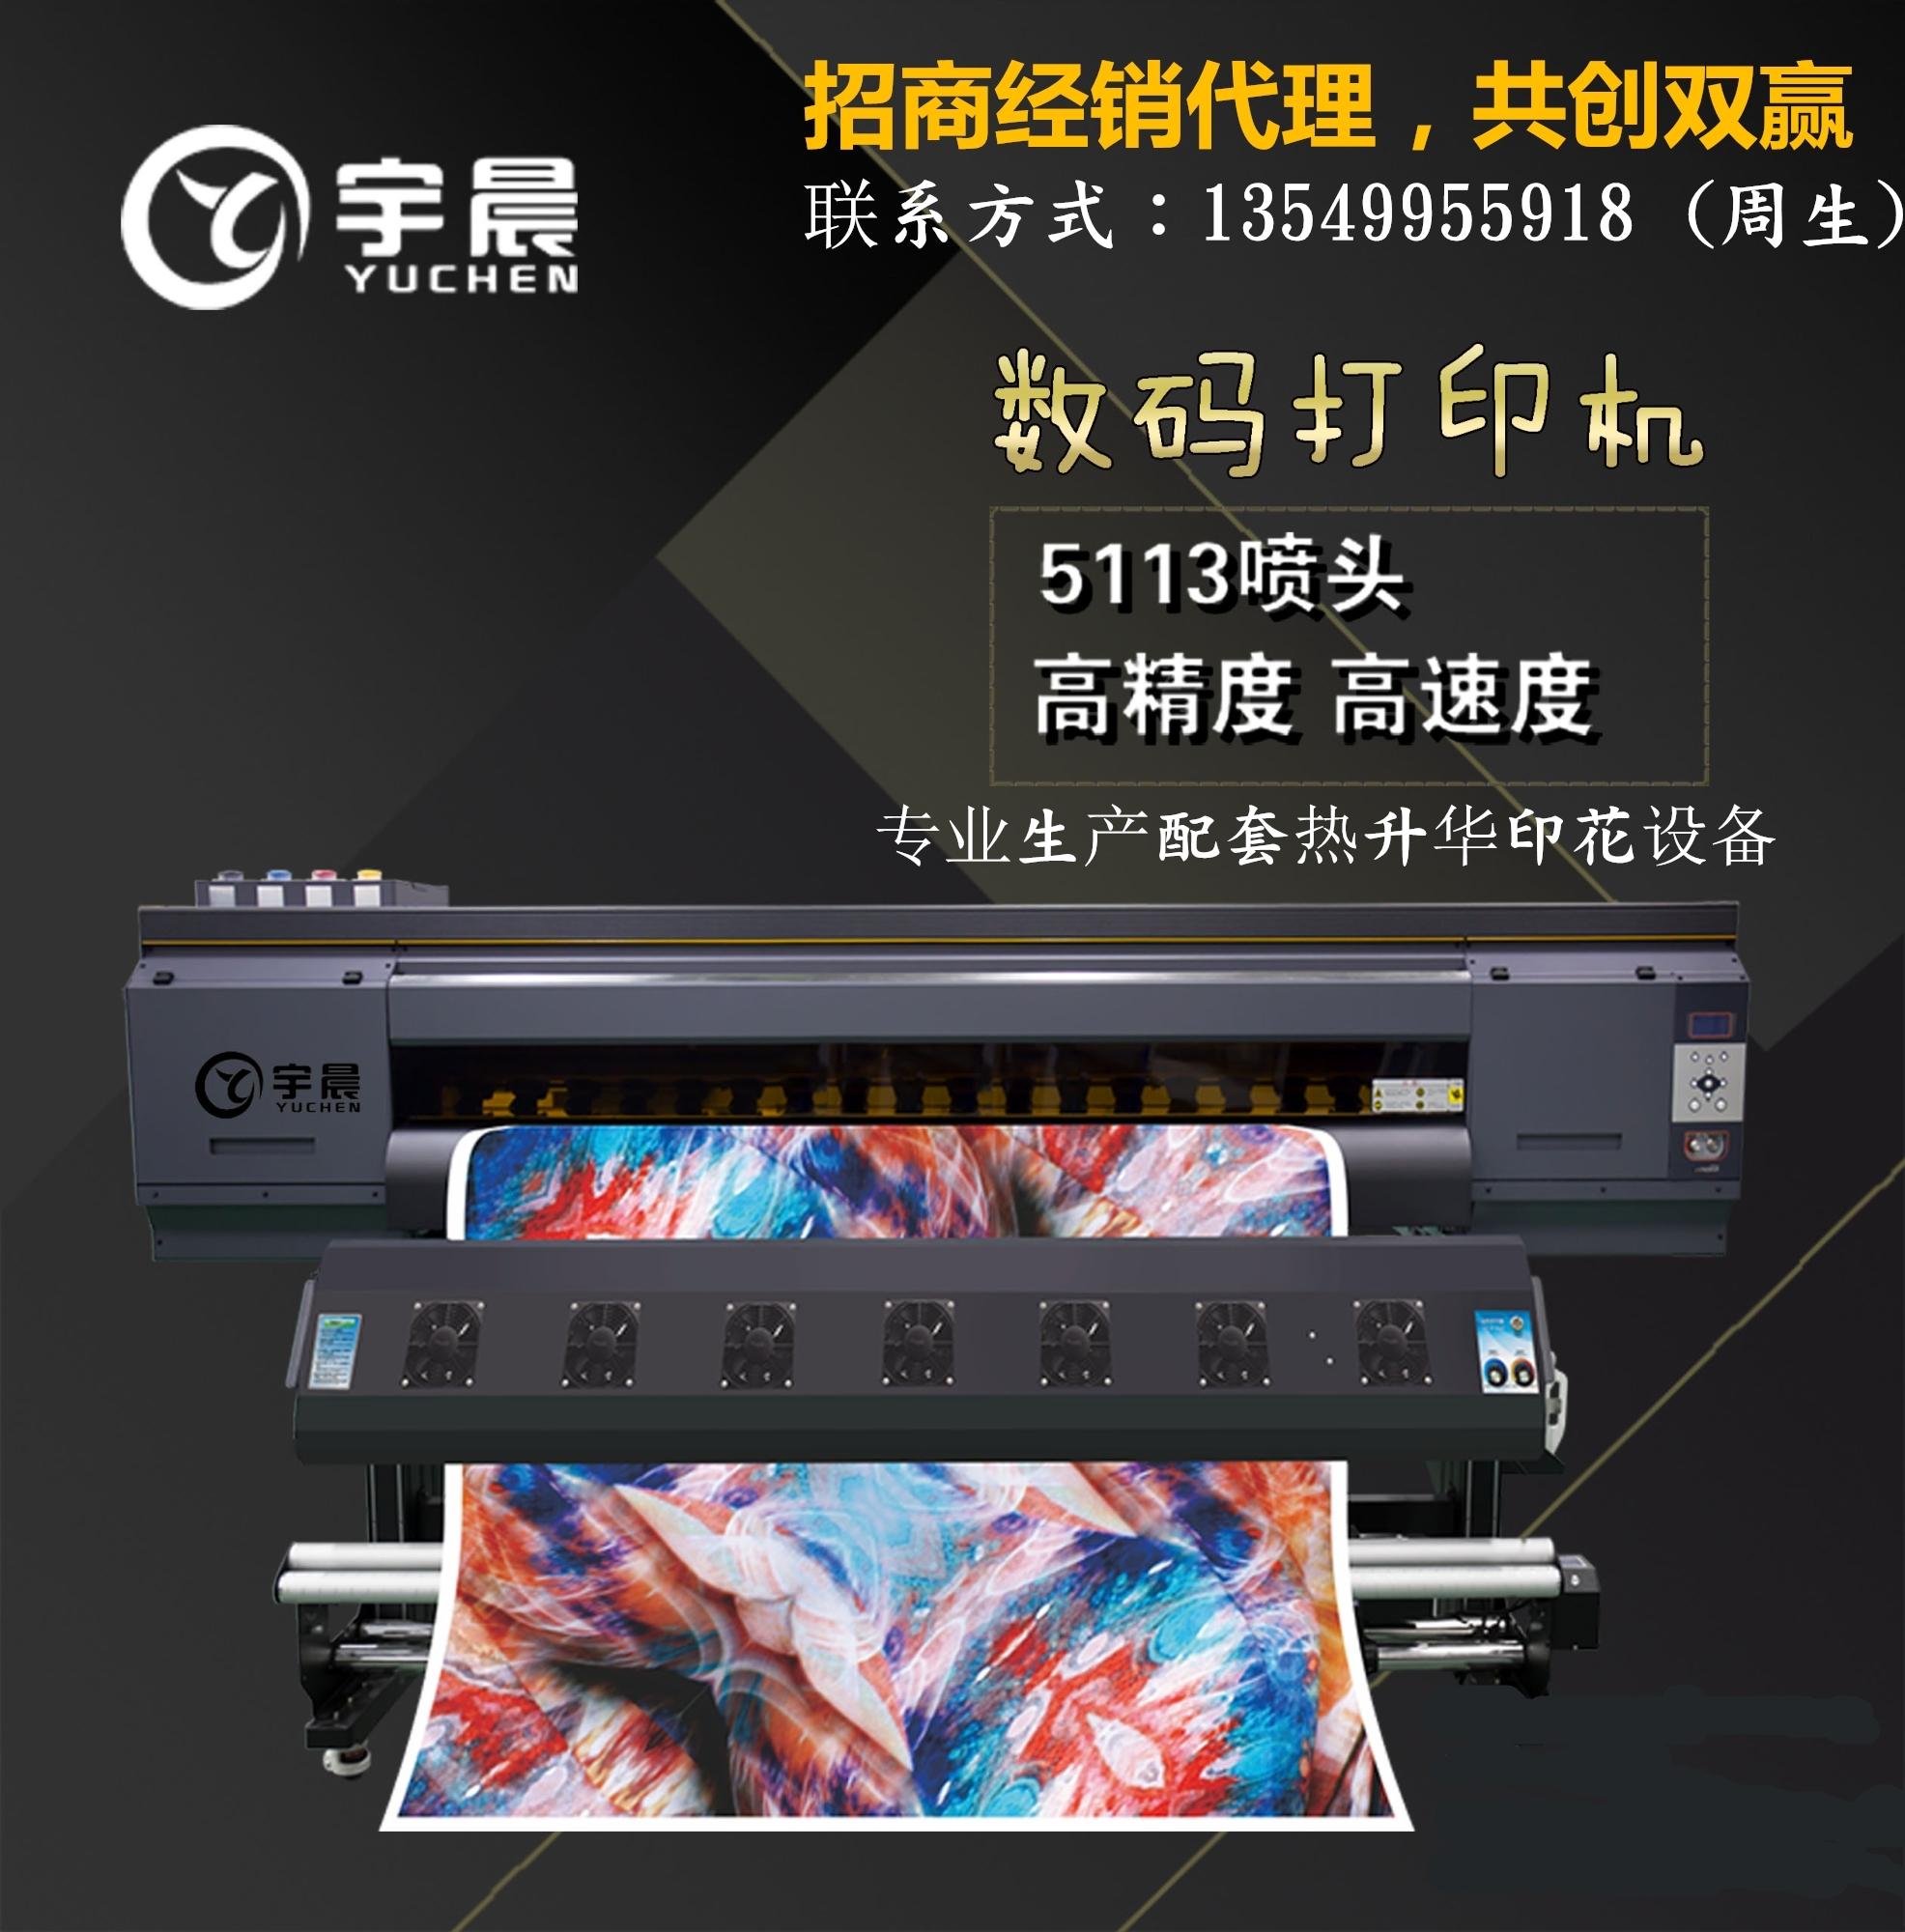 宇晨数码生产1800服装数码印花机热转移印花机数码打印机国产打印机